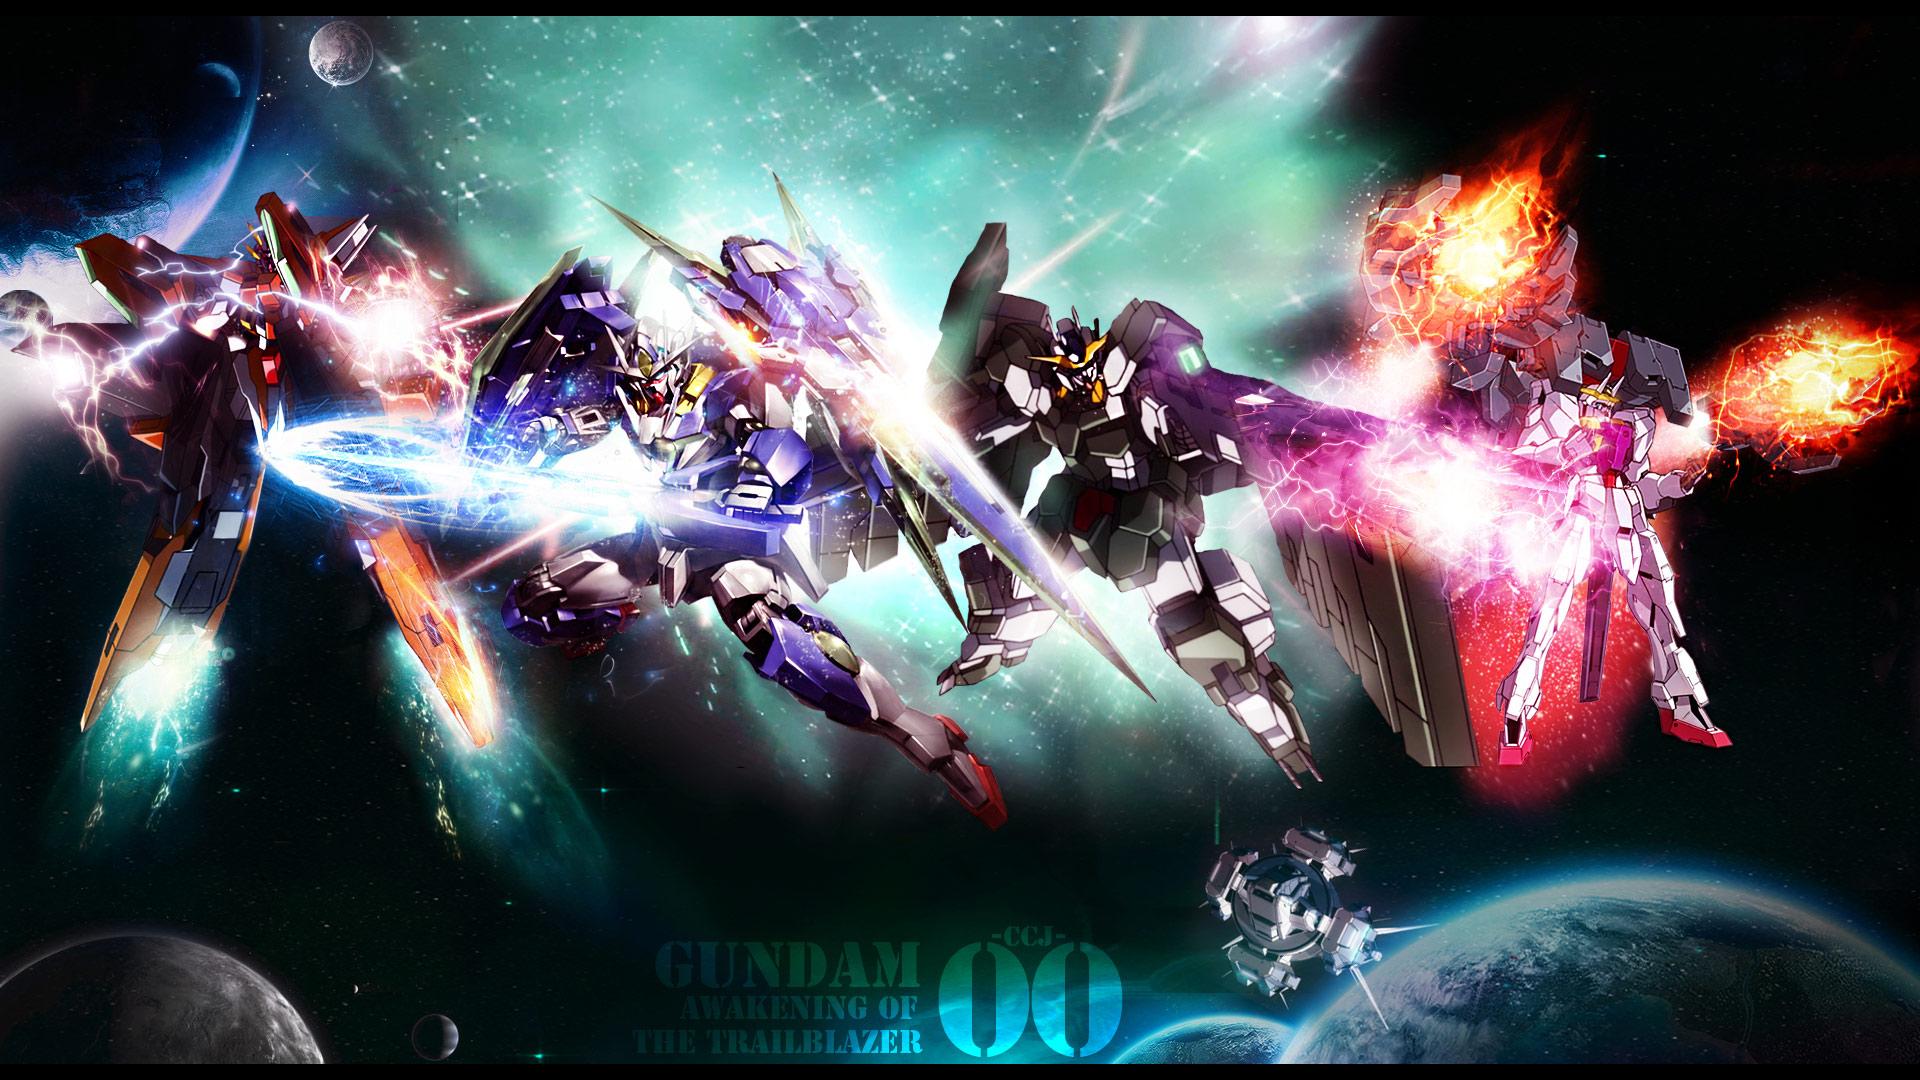 Gundam hd wallpaper background image 1920x1080 id 226516 wallpaper abyss - Gundam wallpaper hd ...